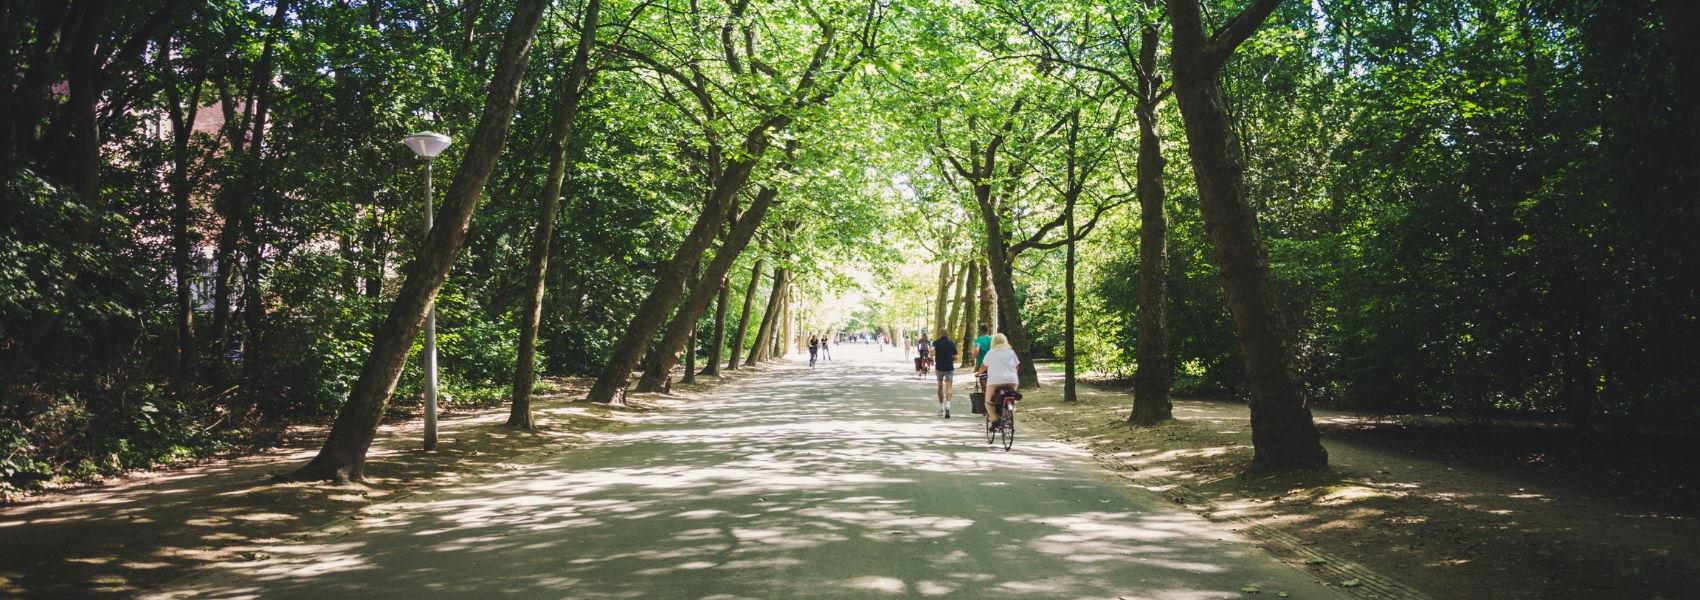 a importância do parque urbano